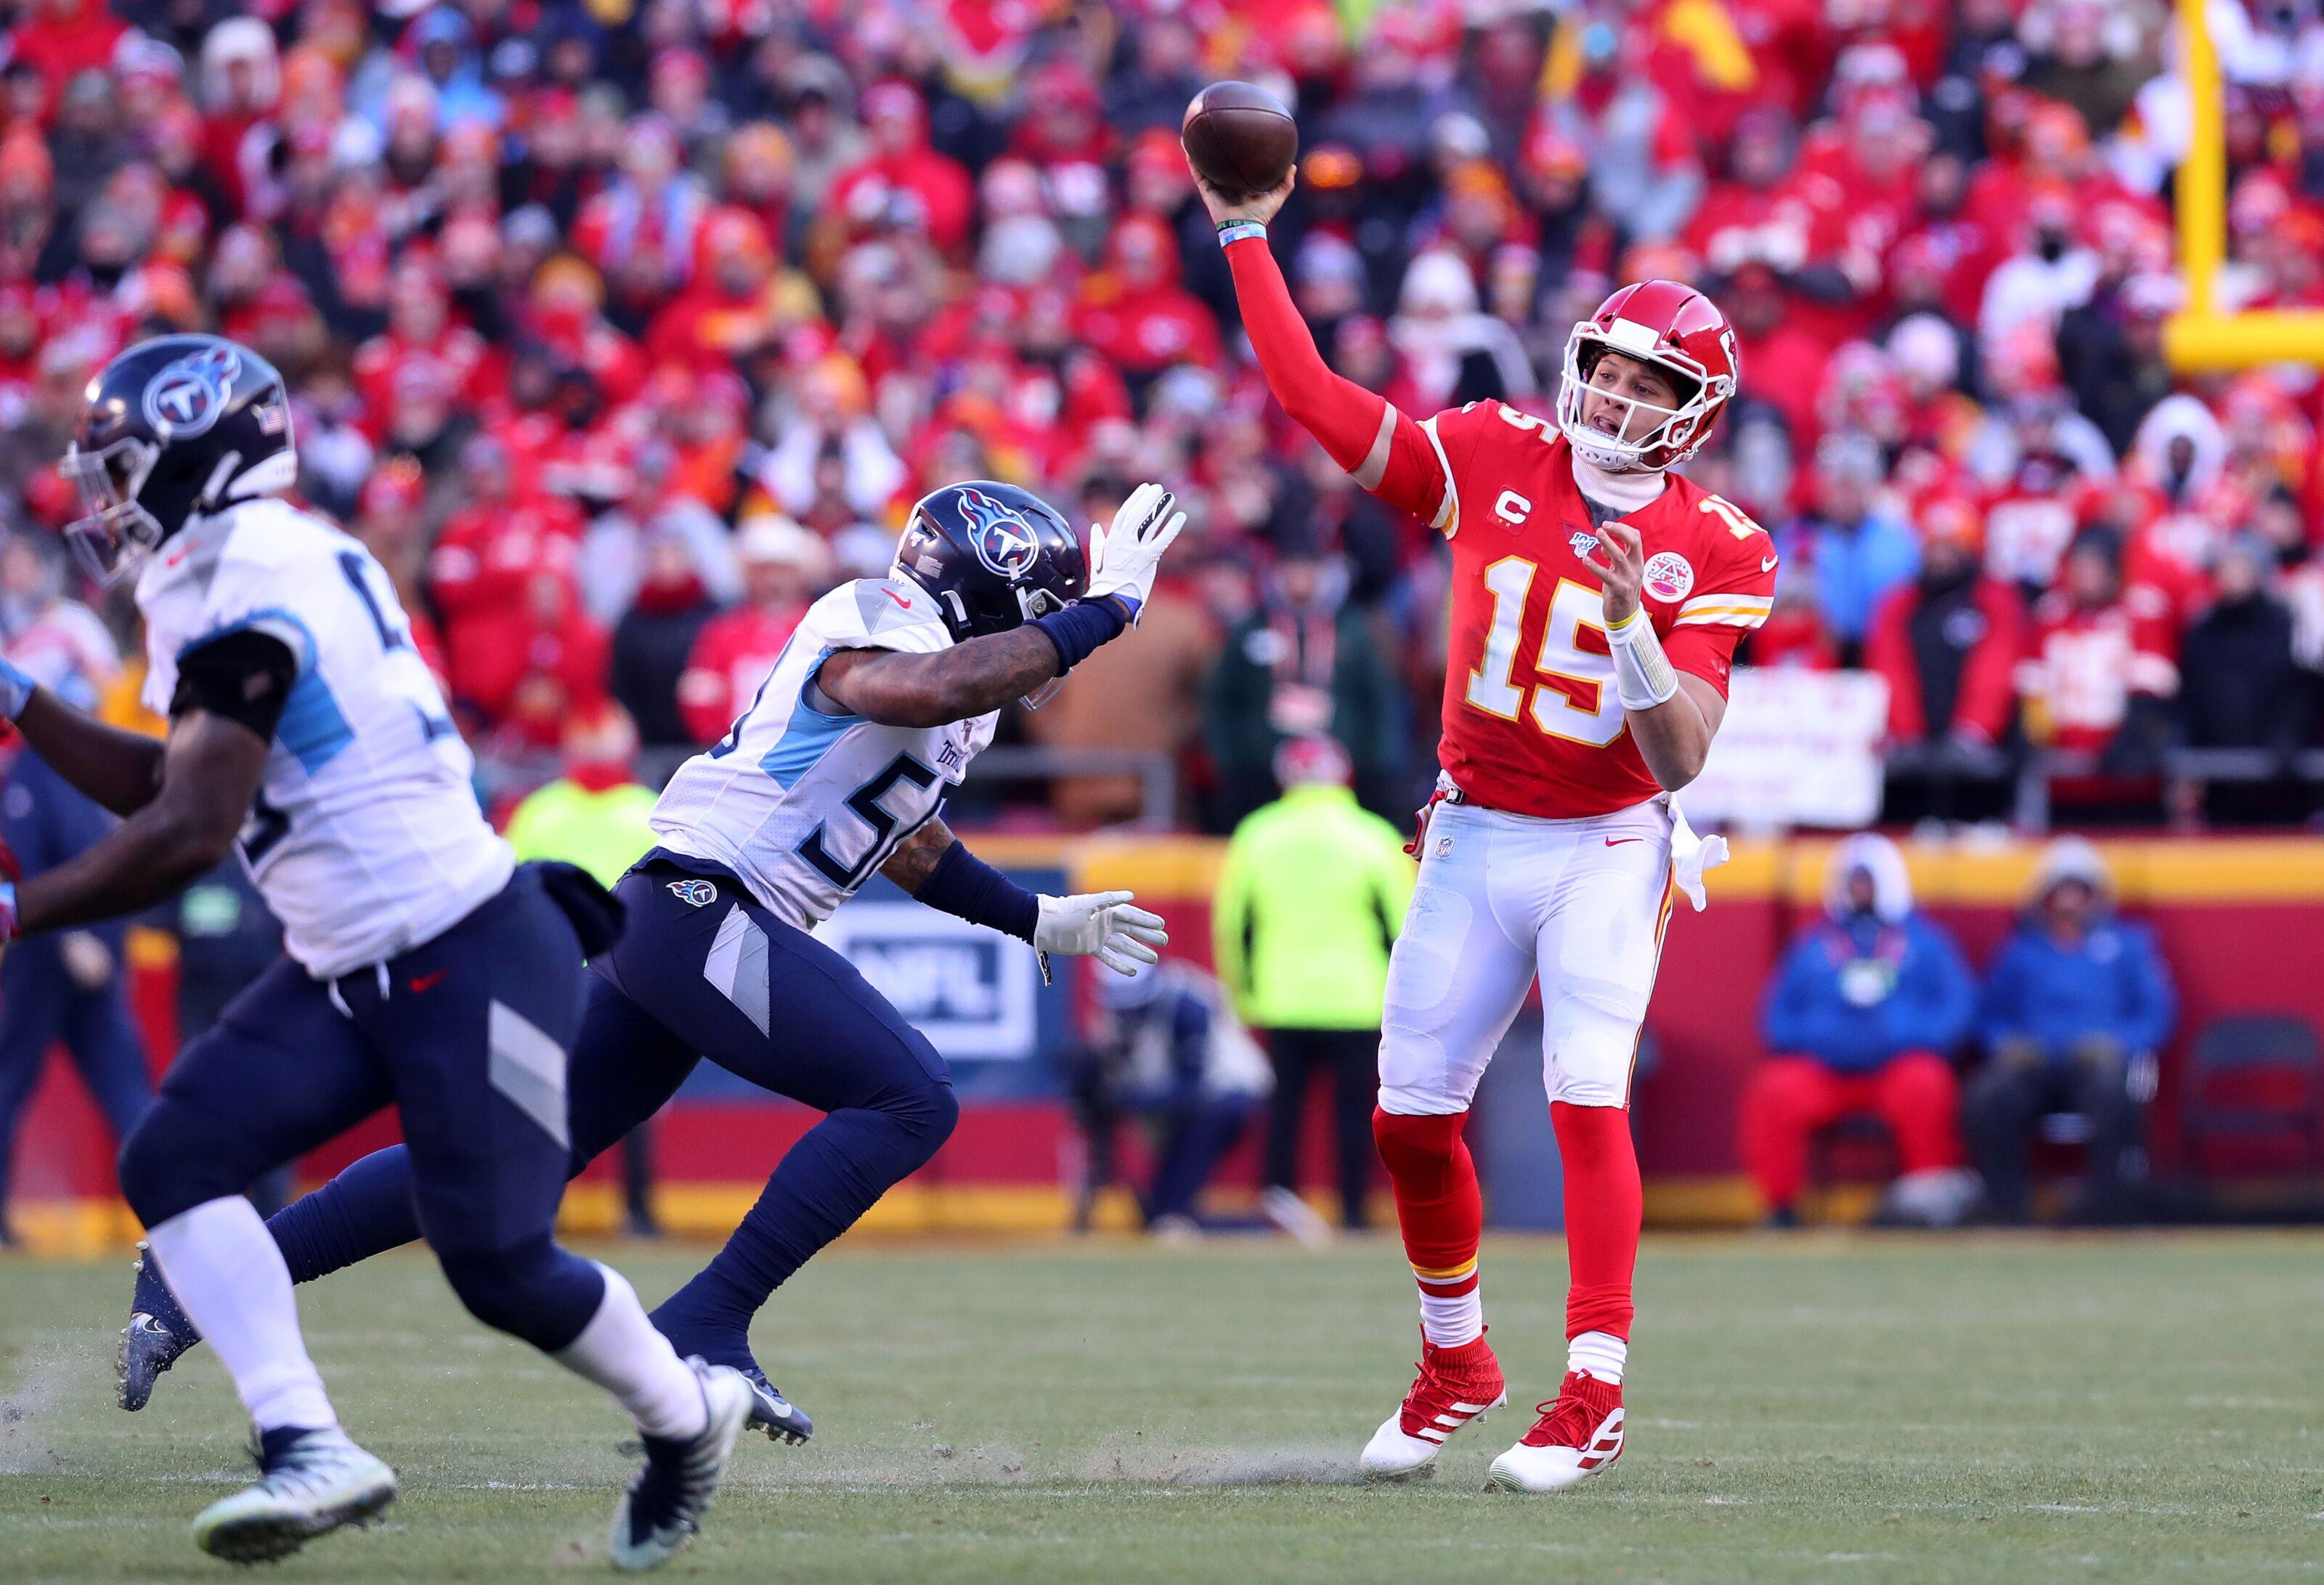 Kansas City Chiefs: 5 Advantages to exploit vs. 49ers in Super Bowl 54